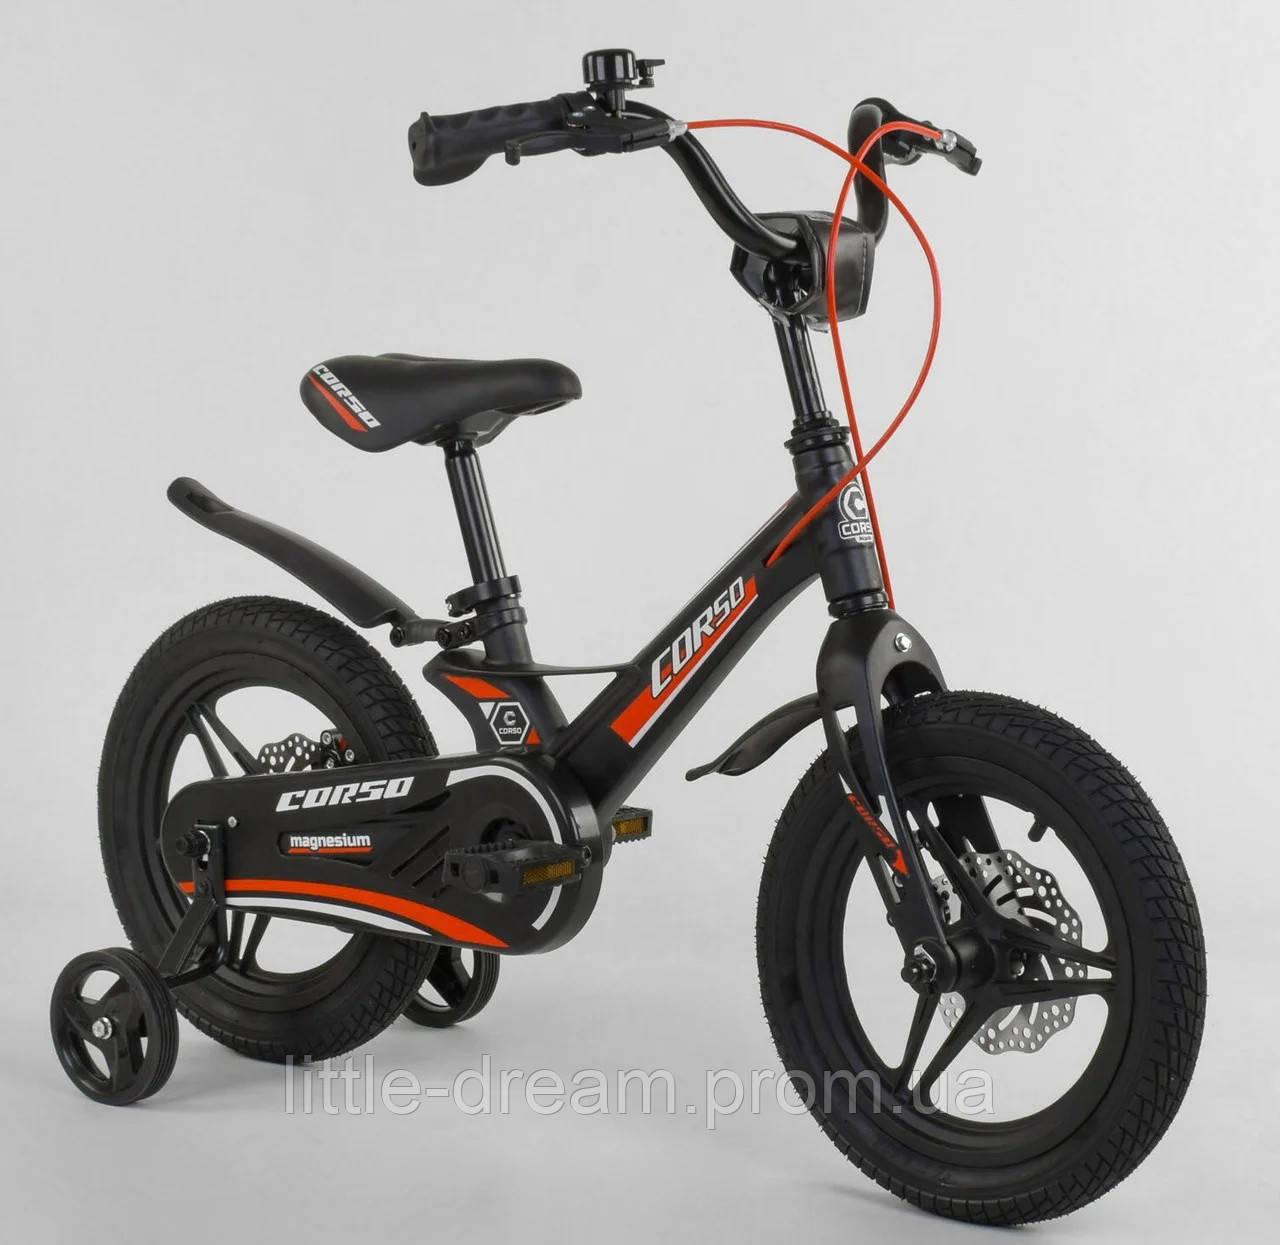 """Детский двухколёсный велосипед 14"""" с магниевой рамой литыми дисками дисковые тормоза Corso MG-28750 черный"""